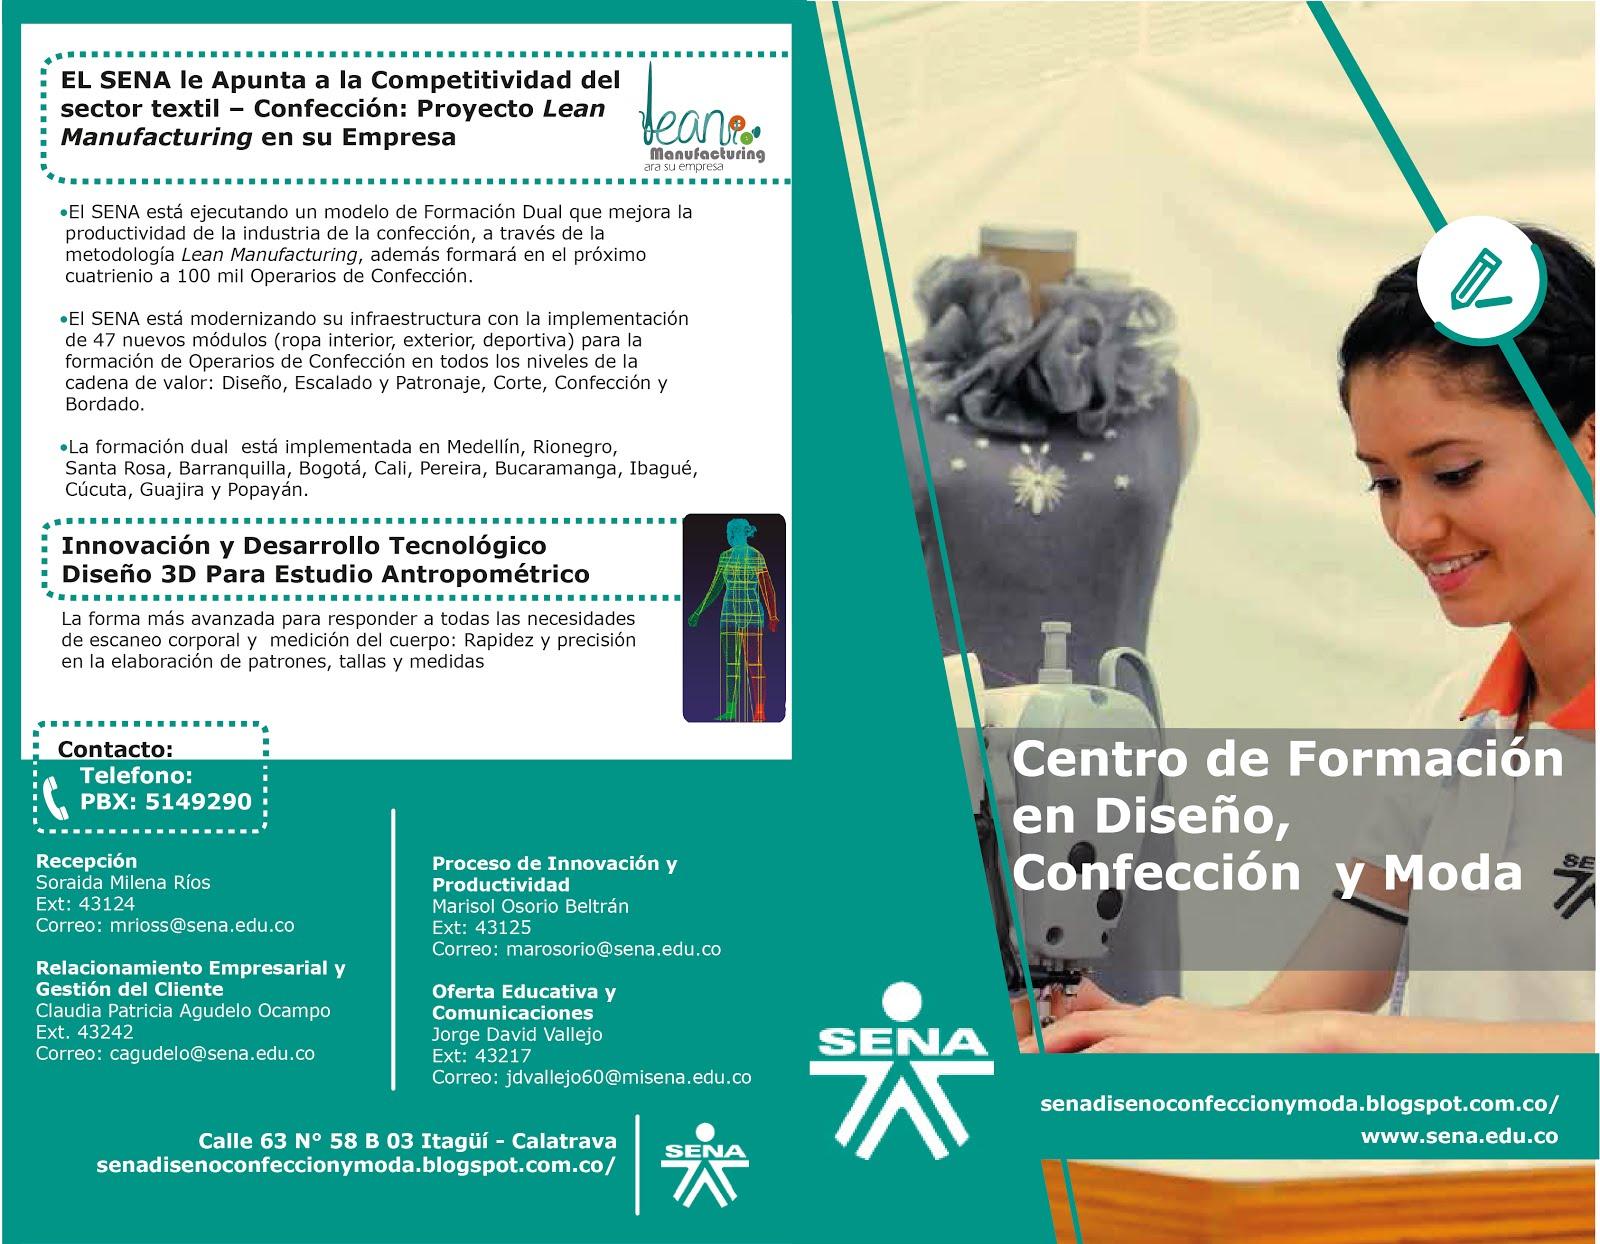 Portafolio del Centro